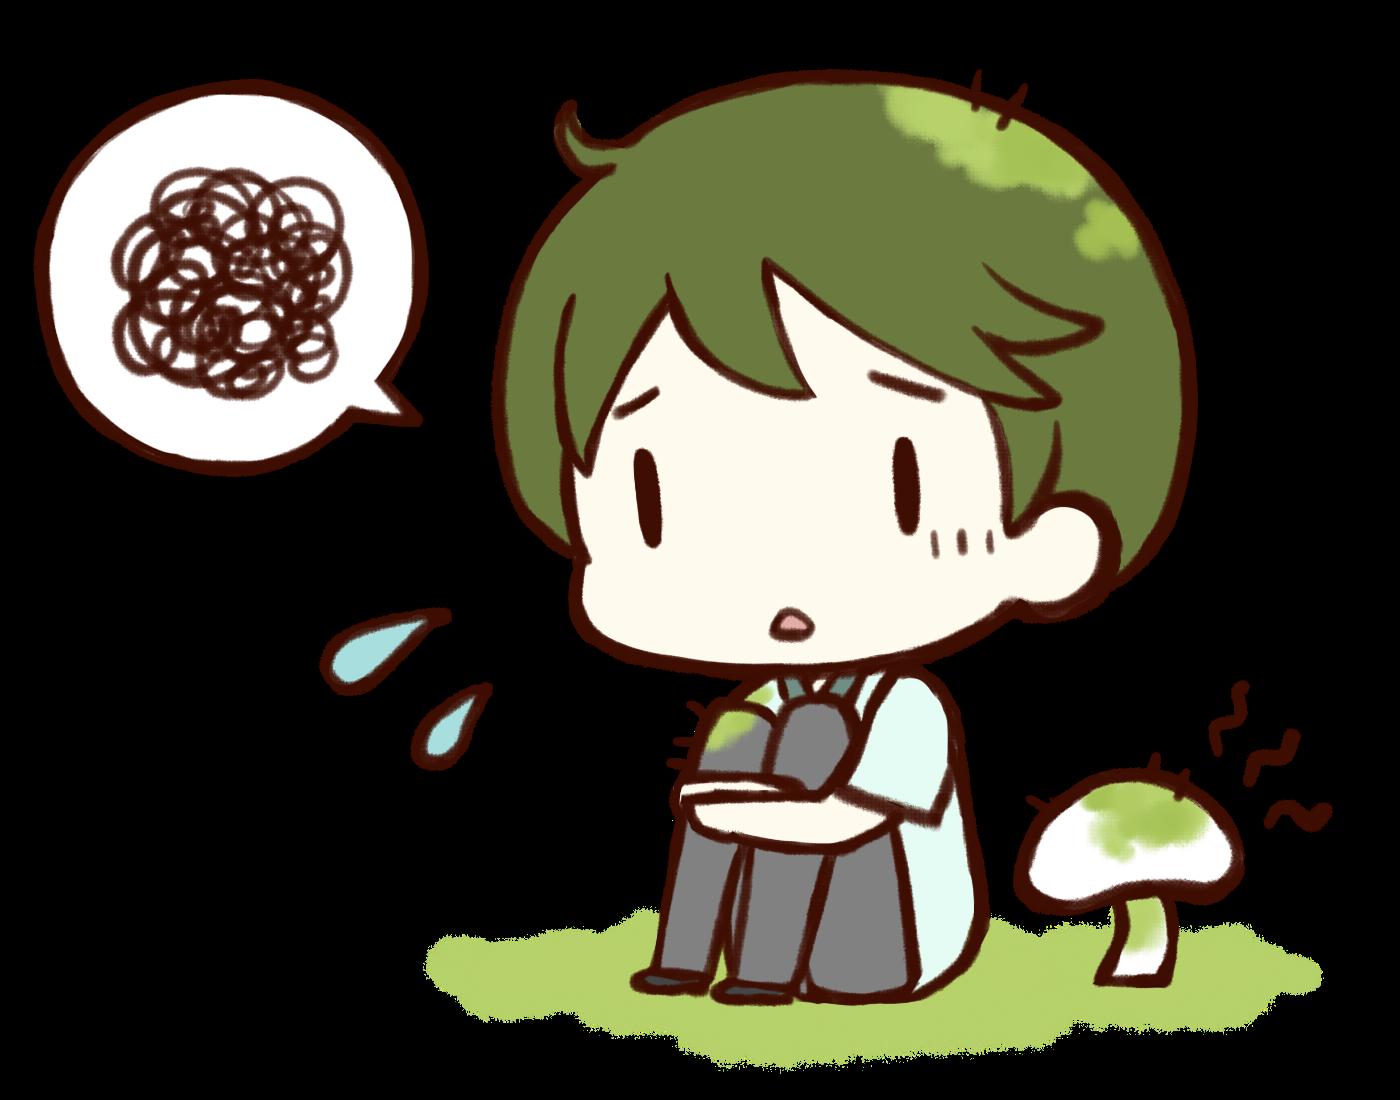 【オノマトペ】じめじめの意味と例文